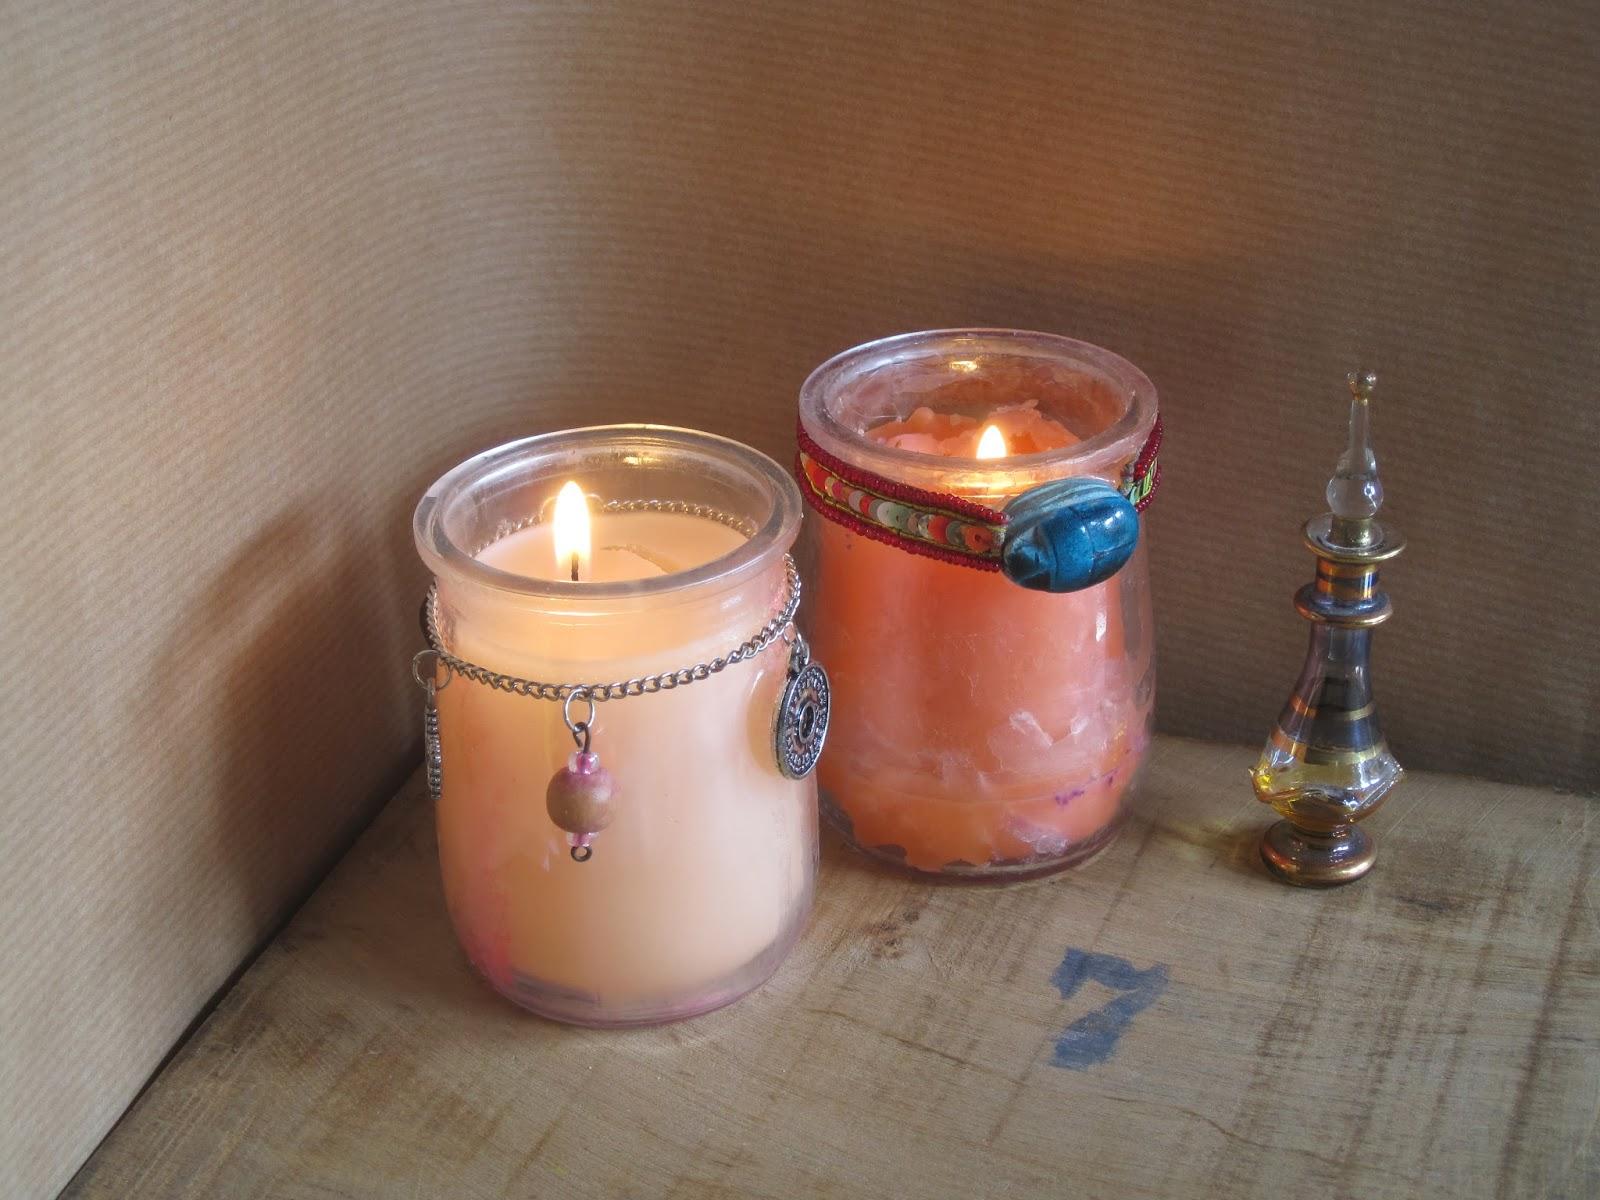 Como Hacer Velas Caseras Con Cera De Abeja Y Otras Alternativas - Comohacer-velas